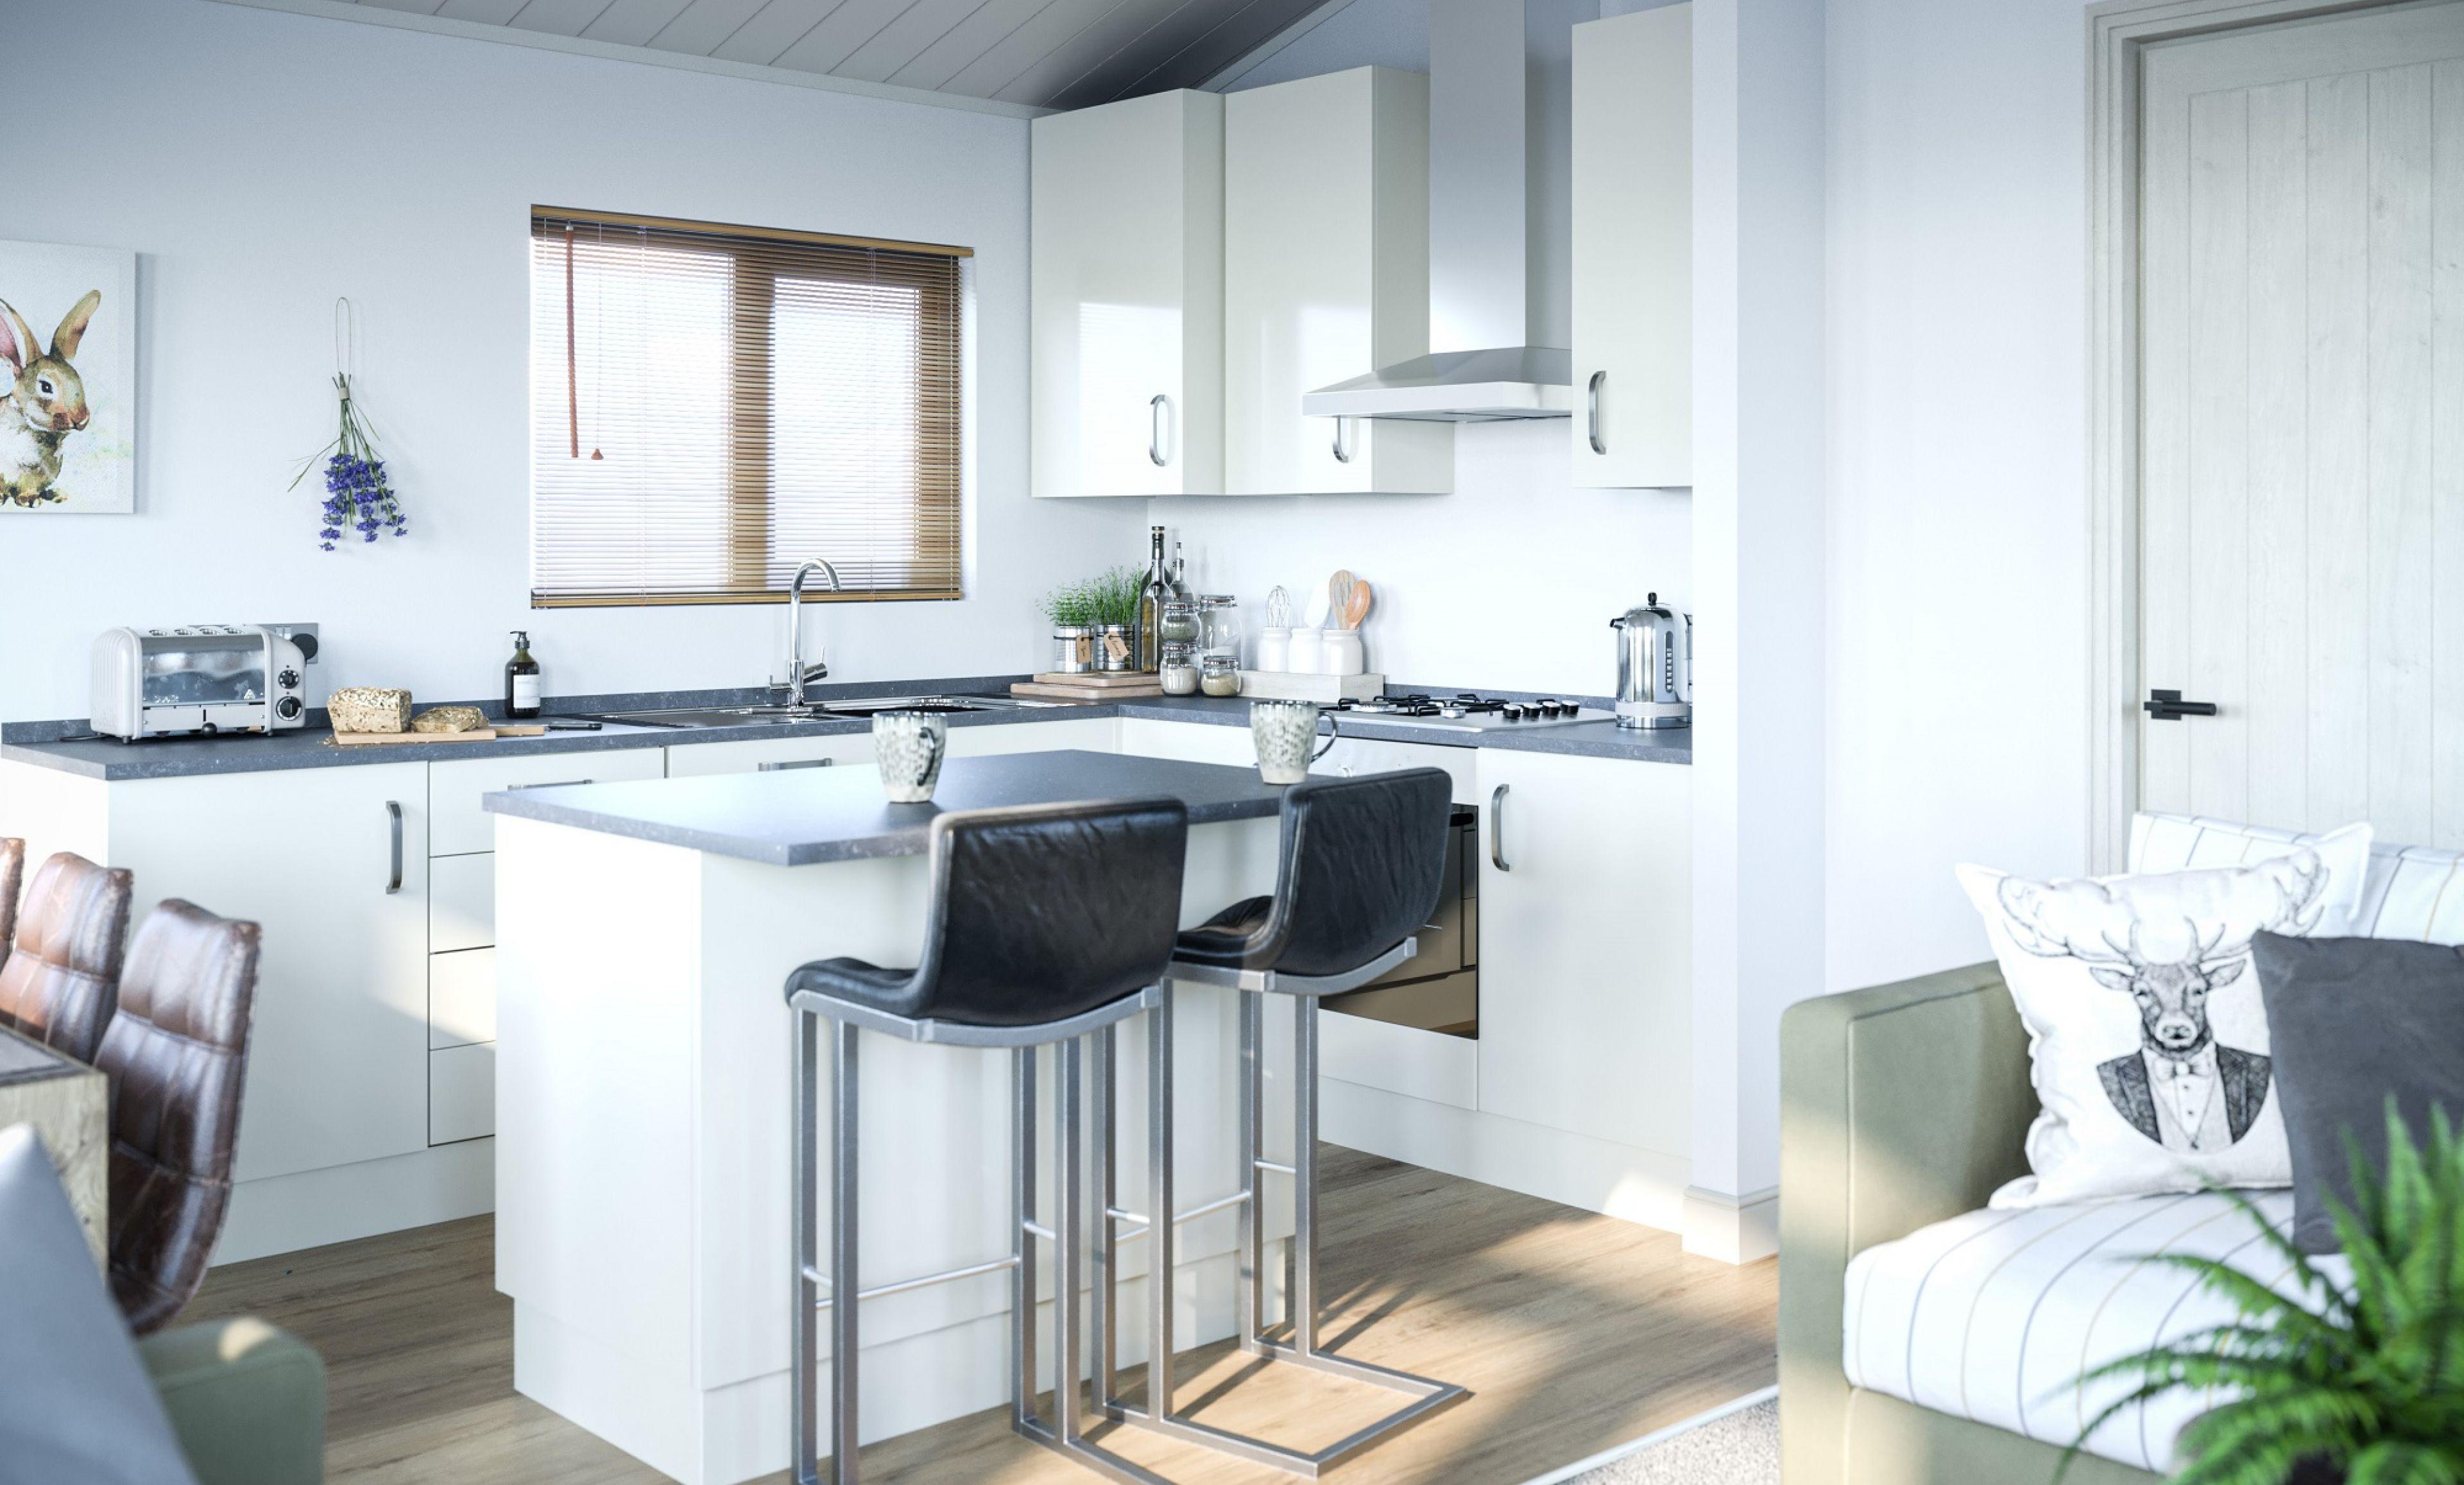 Brampton - The Kitchen